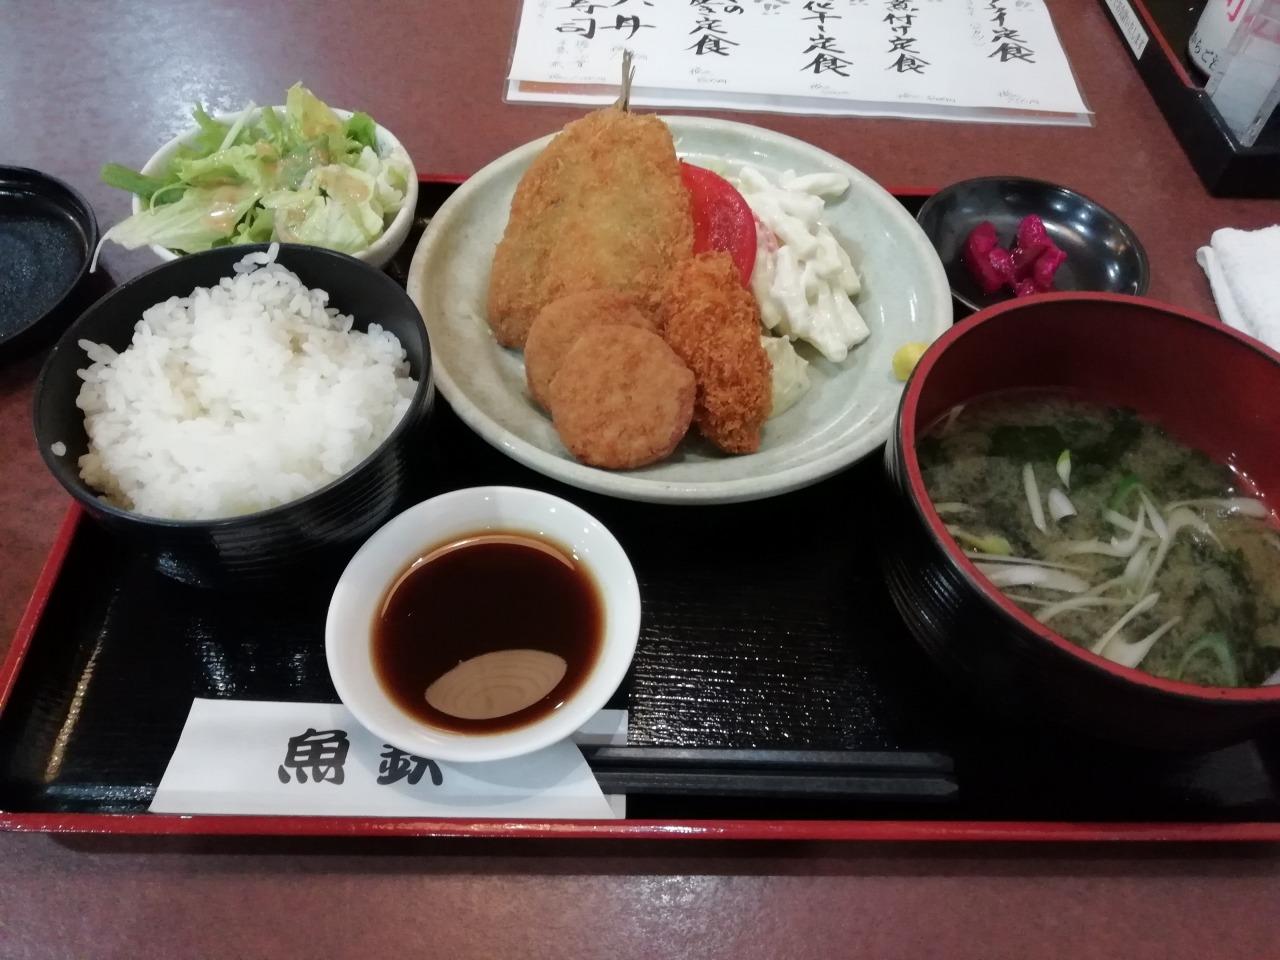 魚鉄食堂ランチ定食